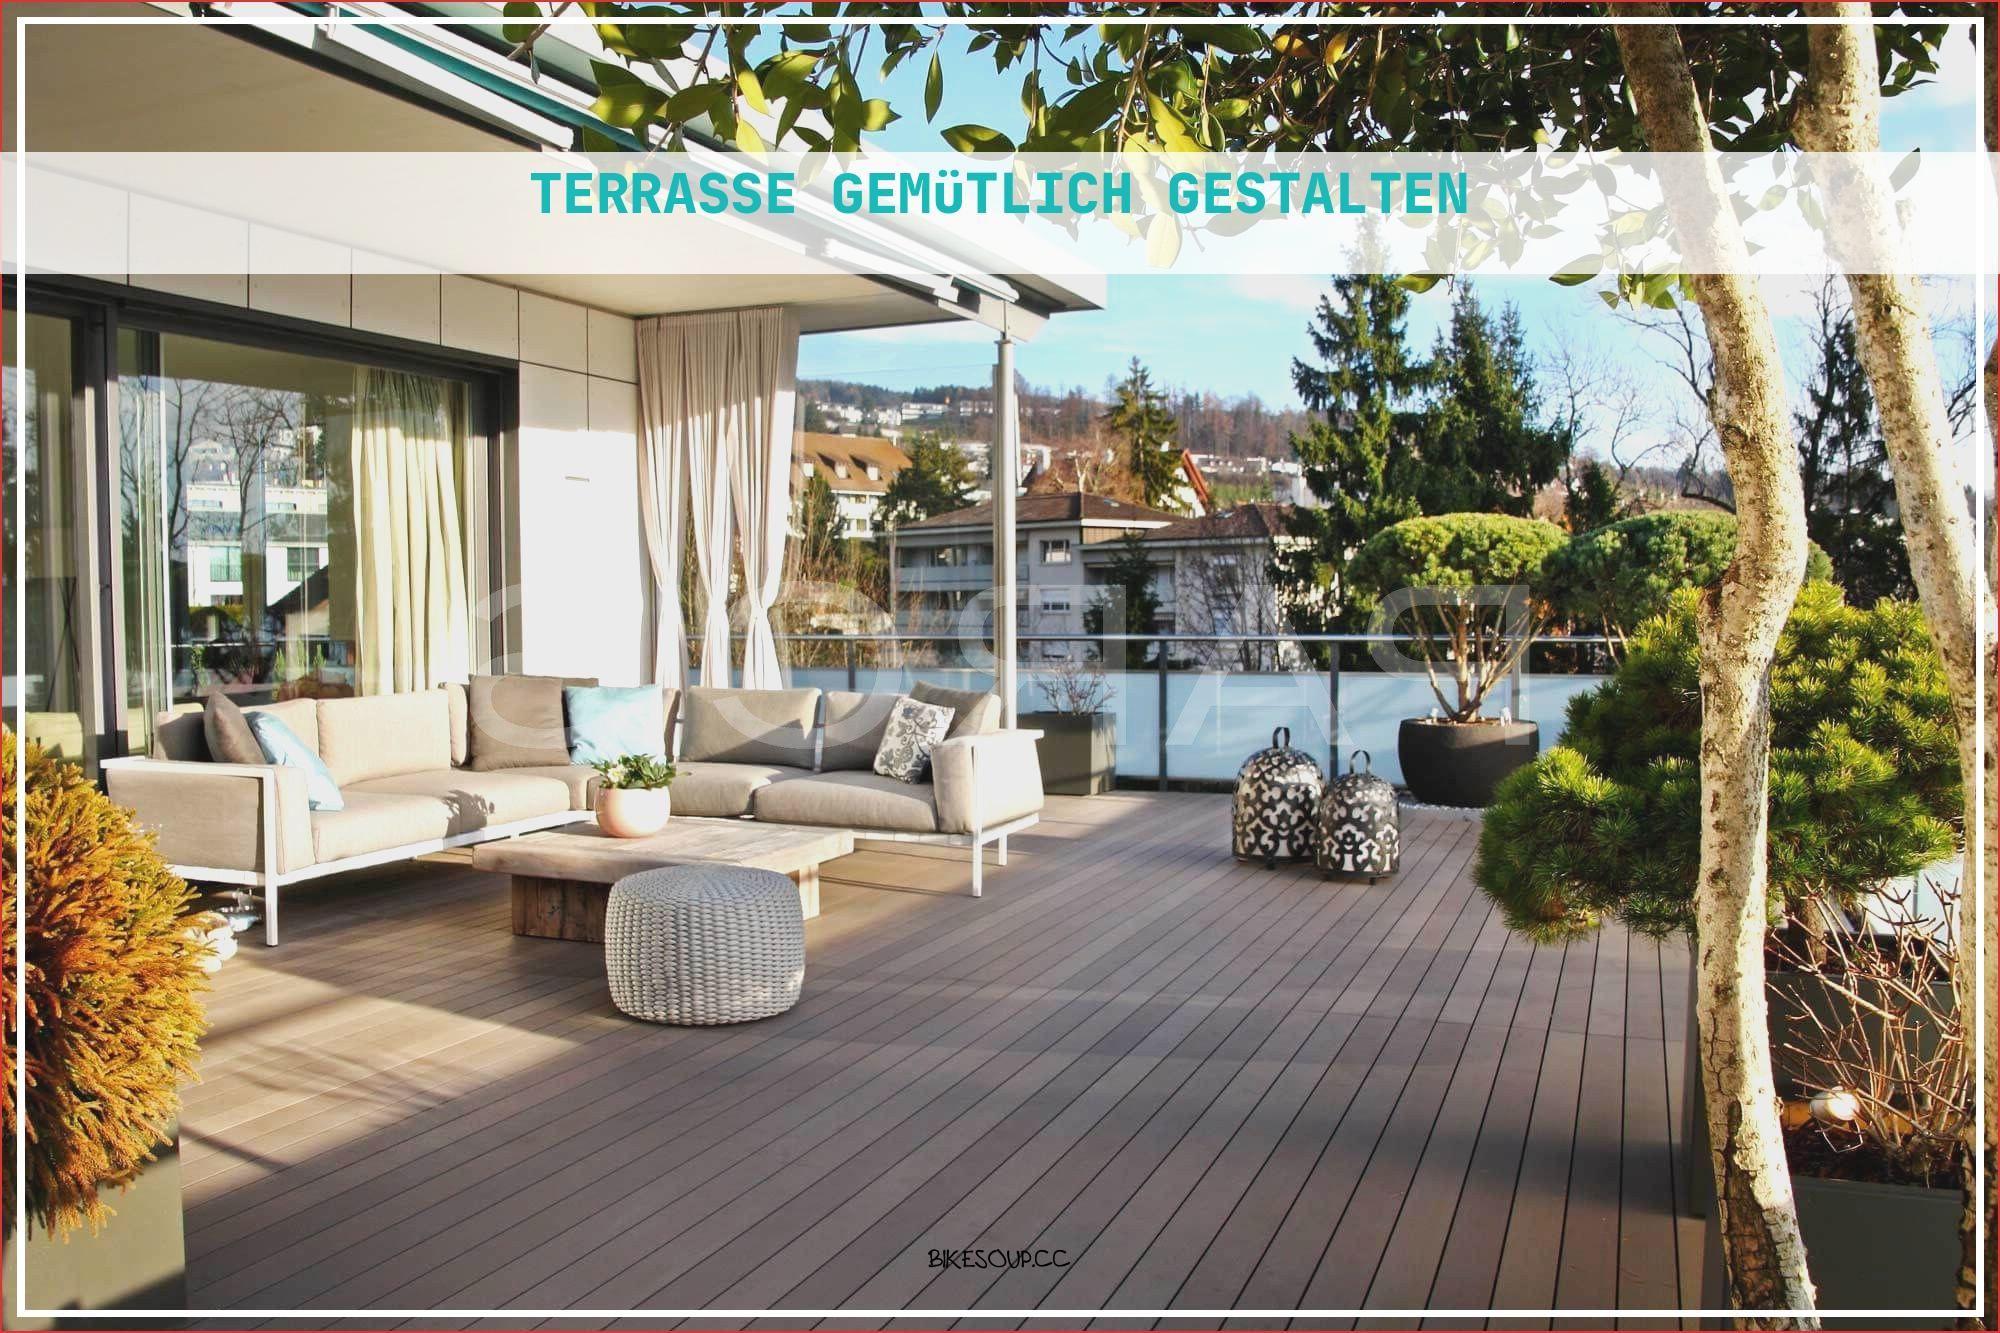 20 Inspirierend Terrasse Gemütlich Gestalten   Große terrasse ...